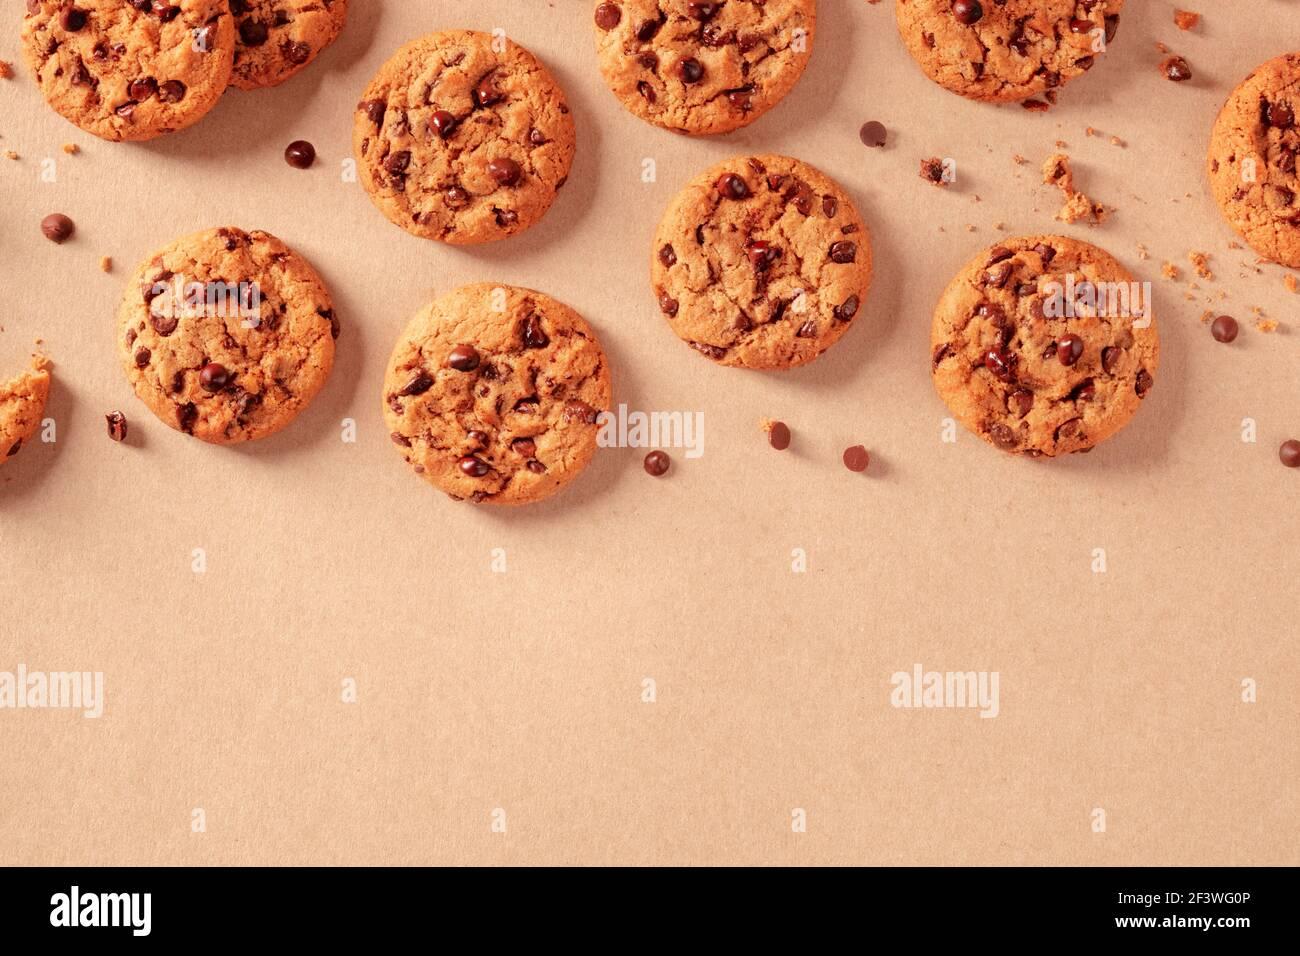 Biscuits aux pépites de chocolat, fraîchement cuits, avec chocolat fondu Banque D'Images